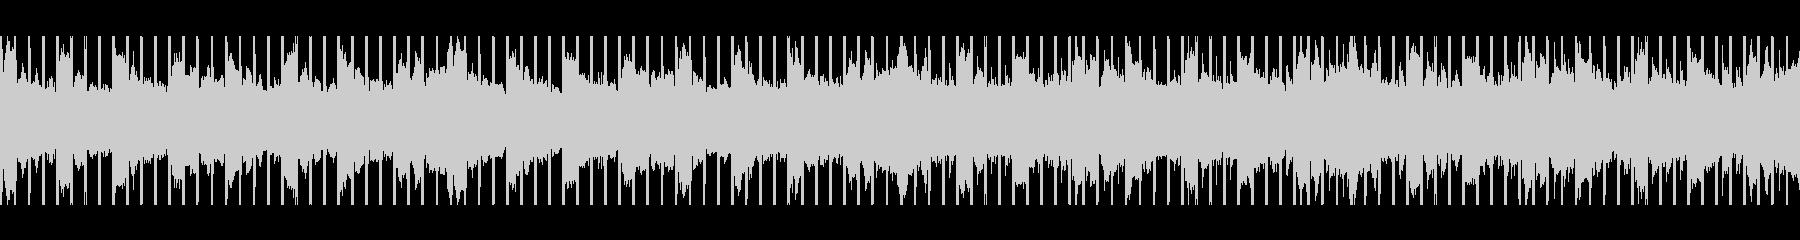 製品プレゼンテーション(ループ)の未再生の波形